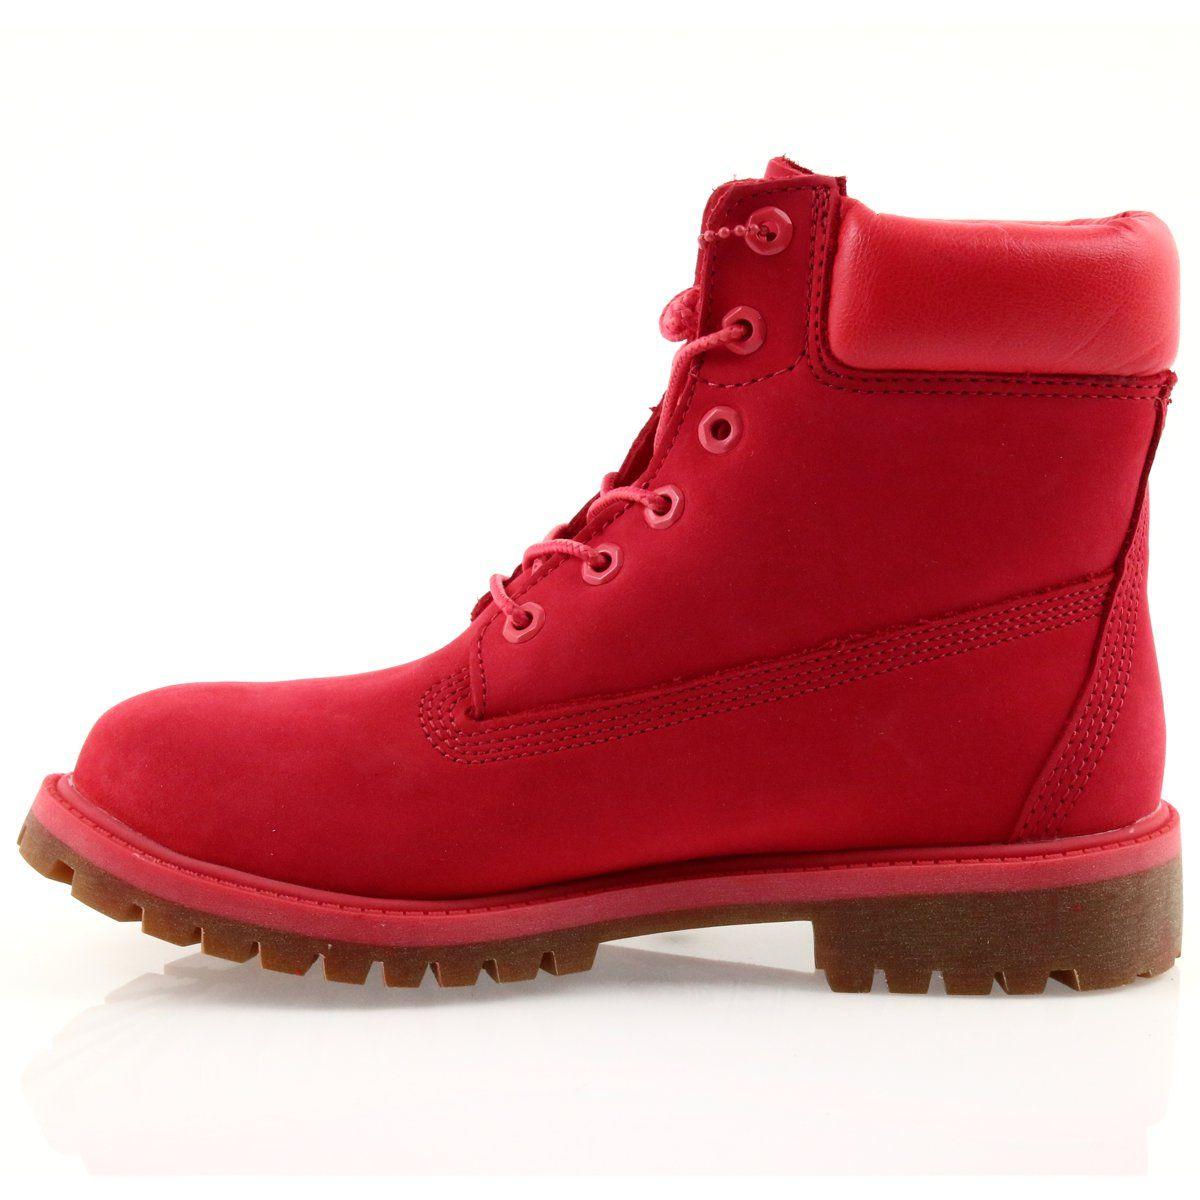 Timberland 6 Inch Premium Waterproof Czerwone Timberland Boots Women Timberland Timberland 6